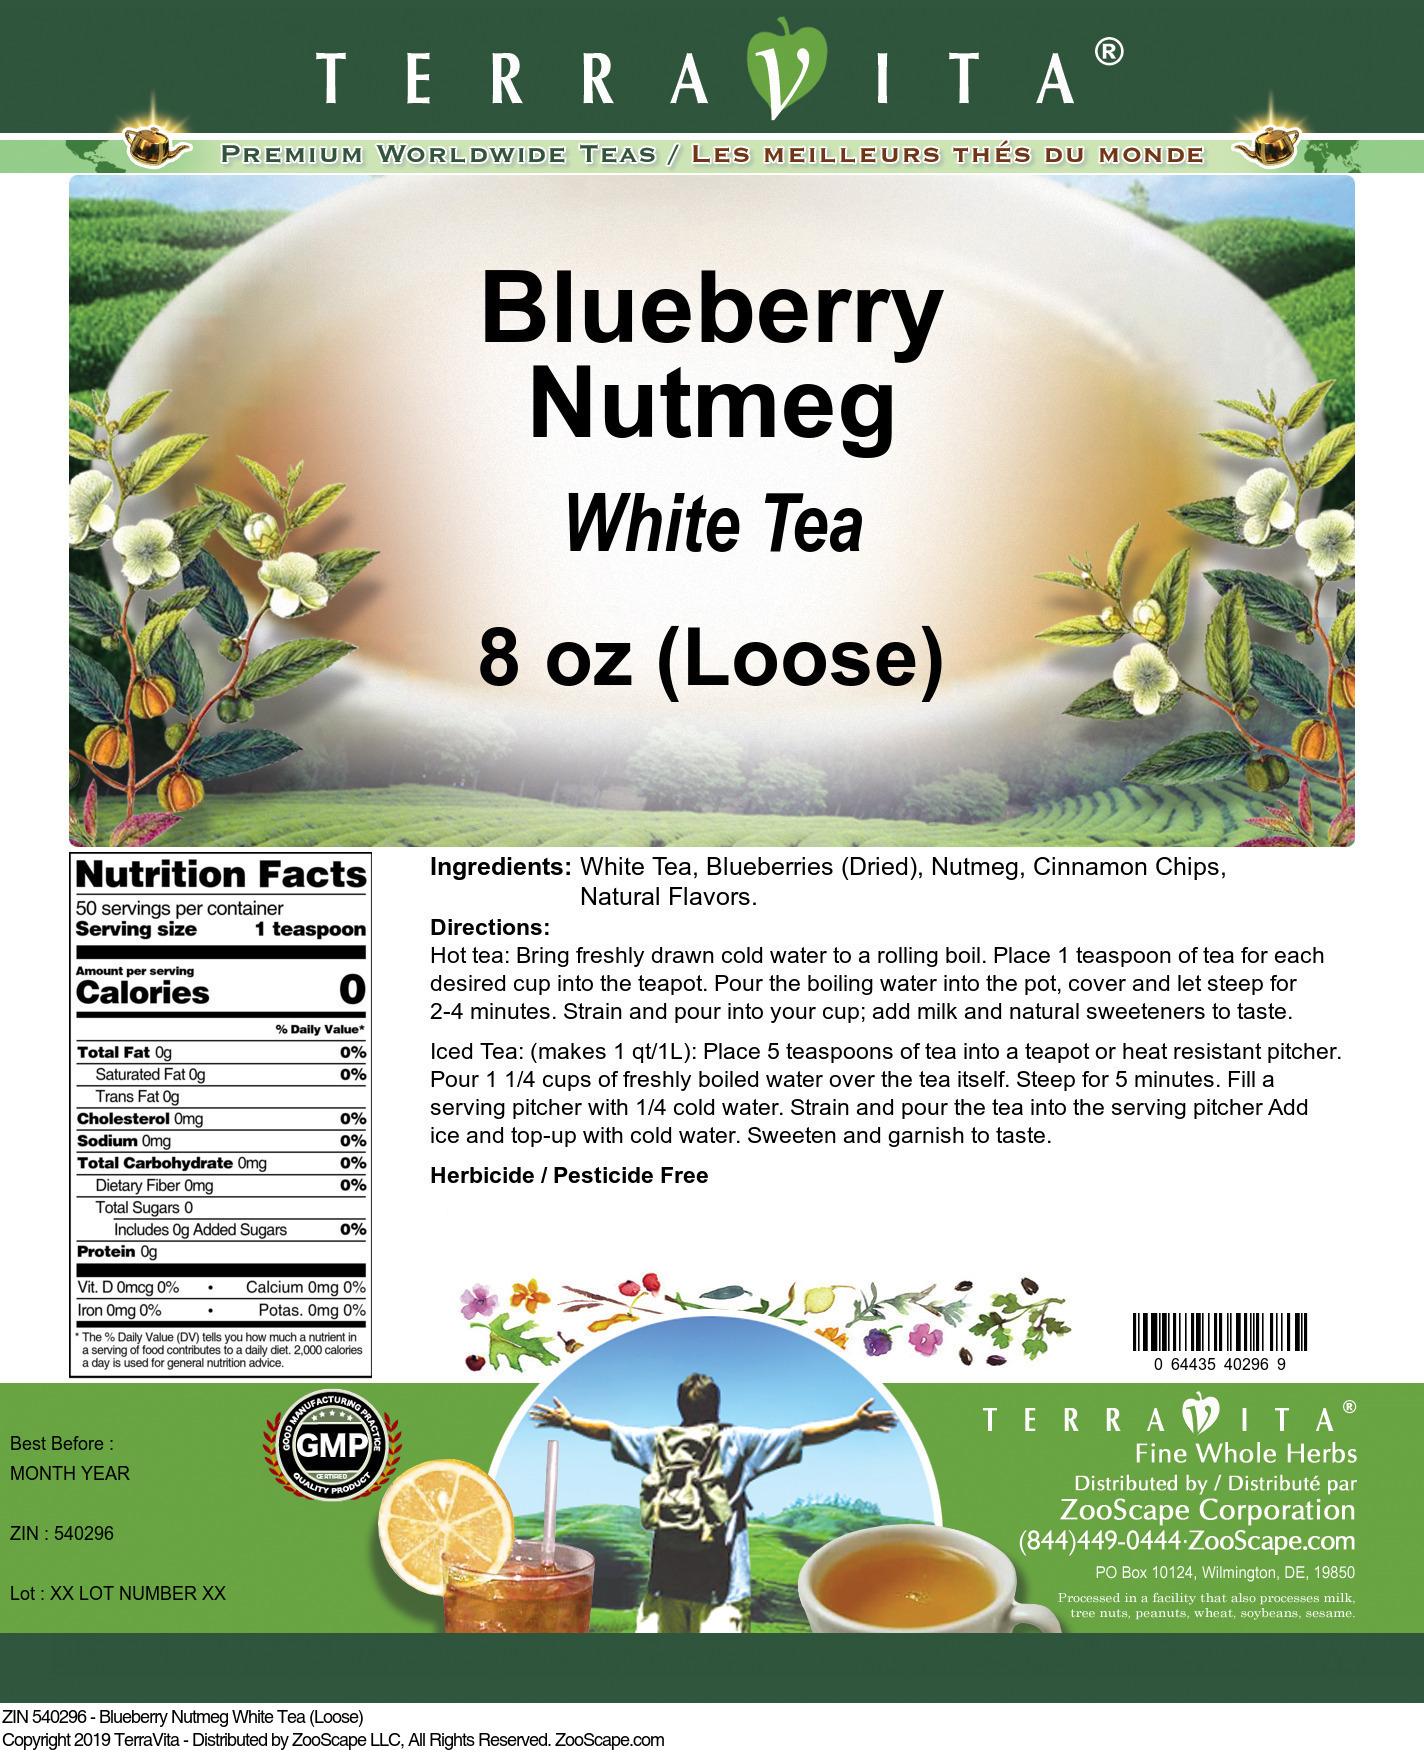 Blueberry Nutmeg White Tea (Loose)